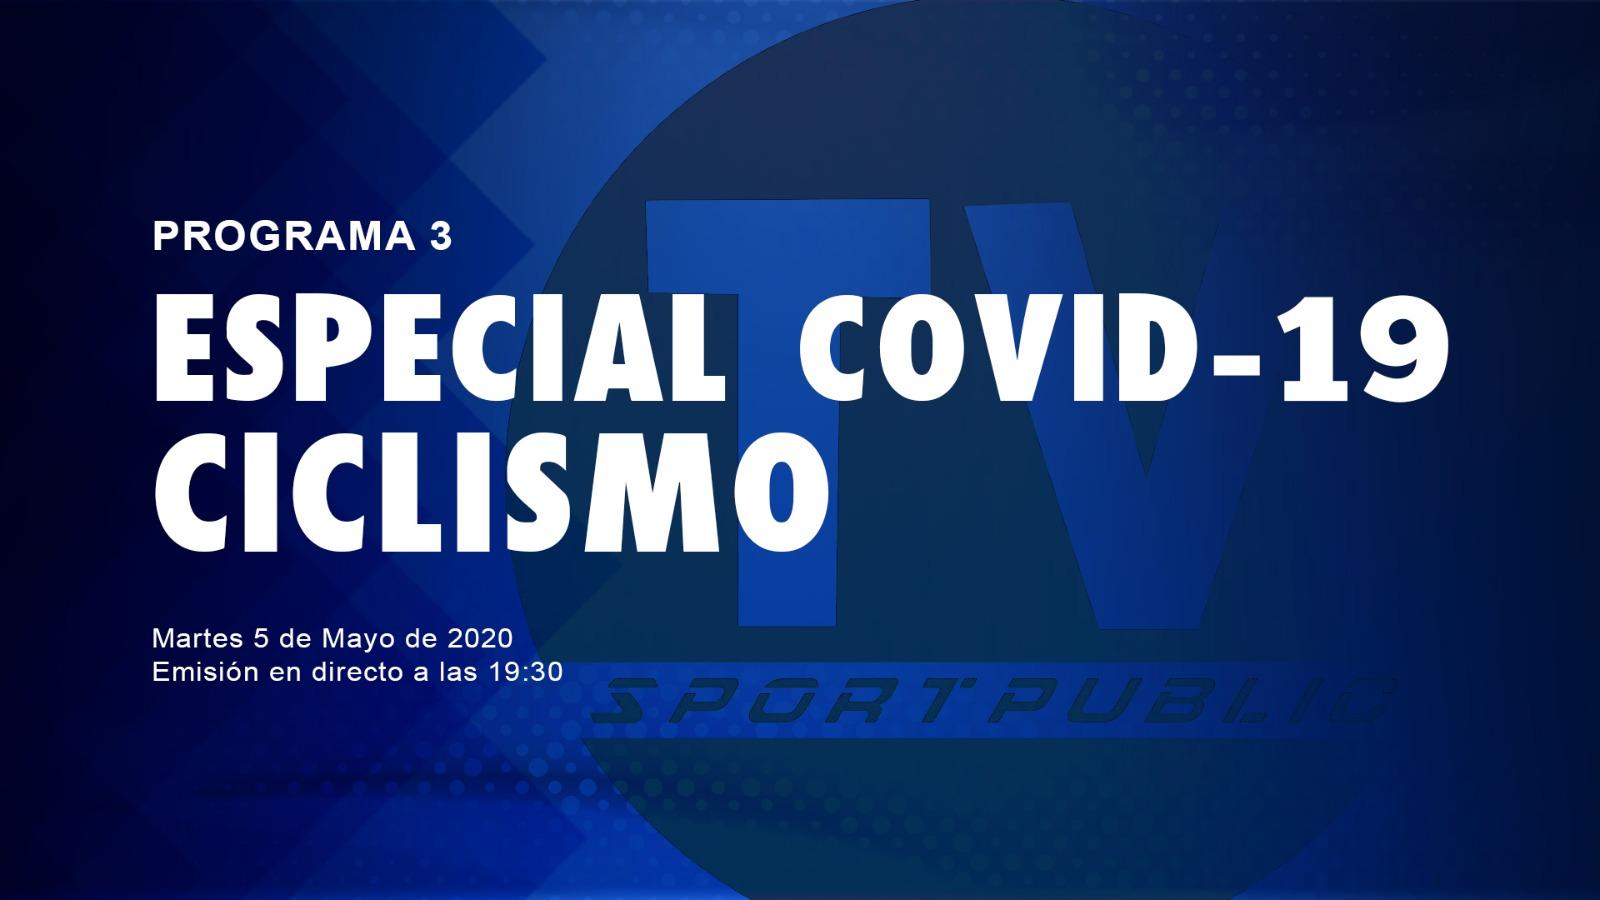 Sportpublic El Pelotón